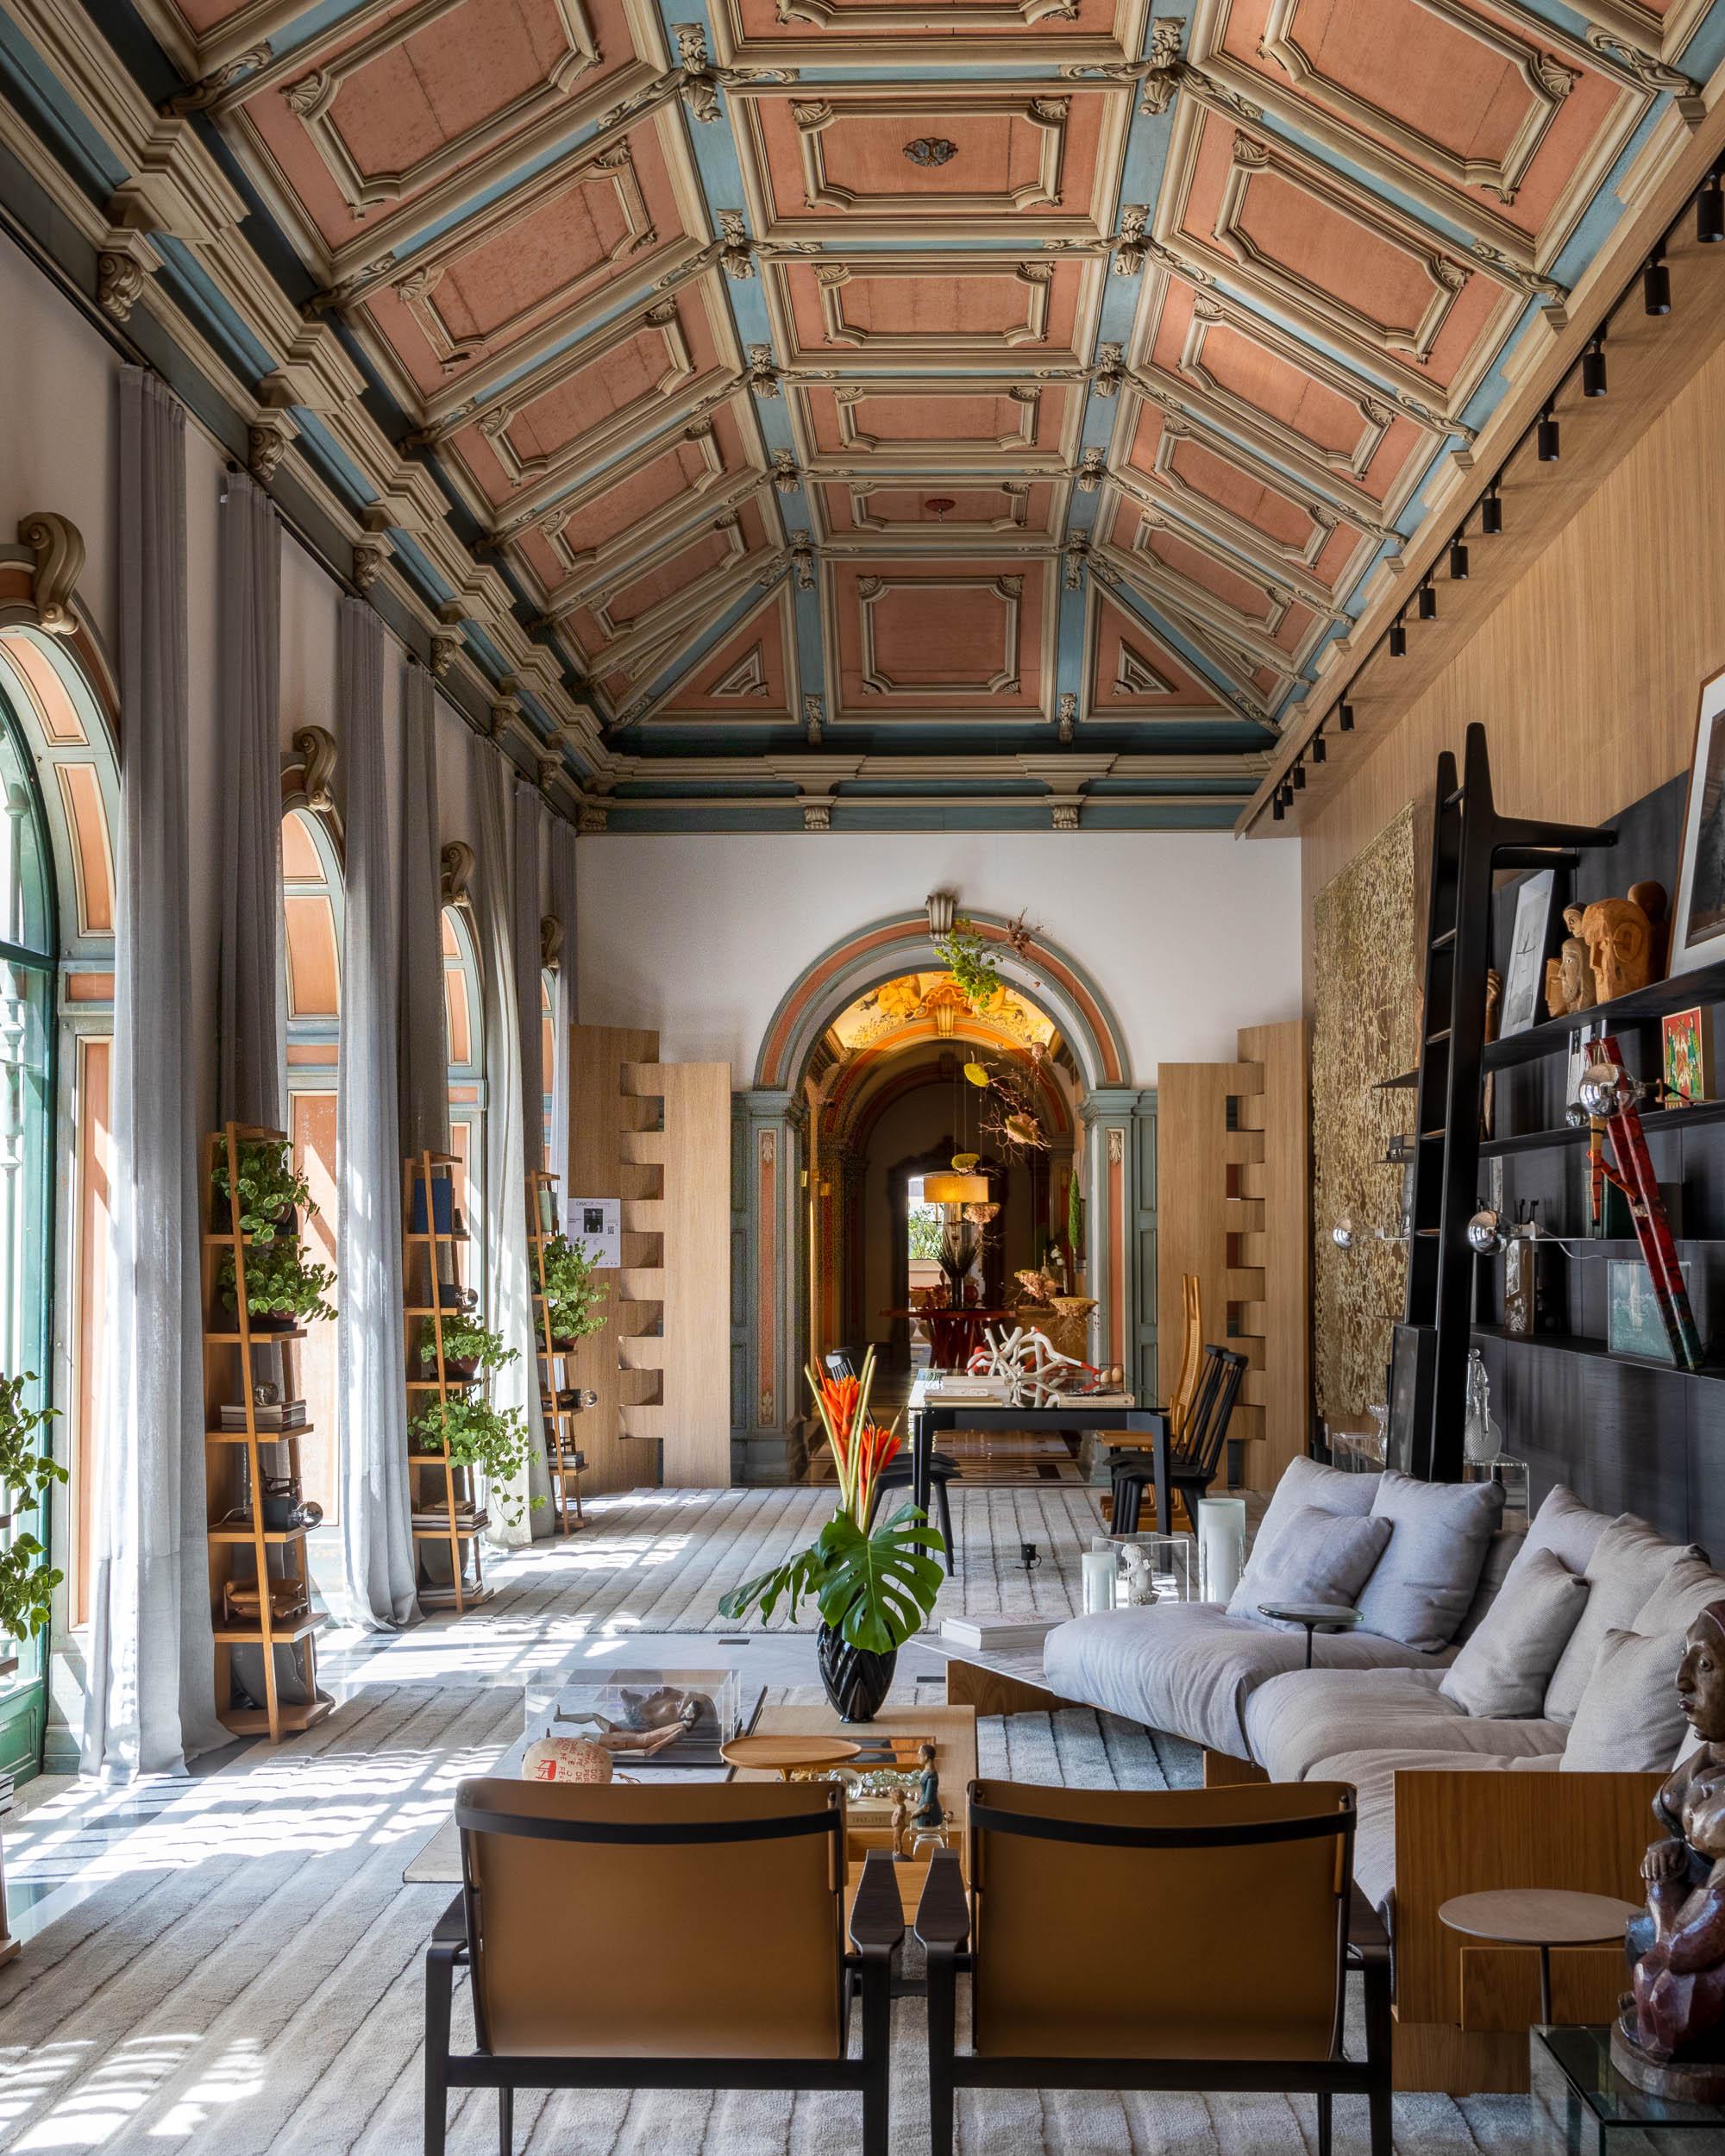 casacor rio de janeiro 2021 rj ambientes decoração arquitetura mostras mario costa santos sala arte contemplação design